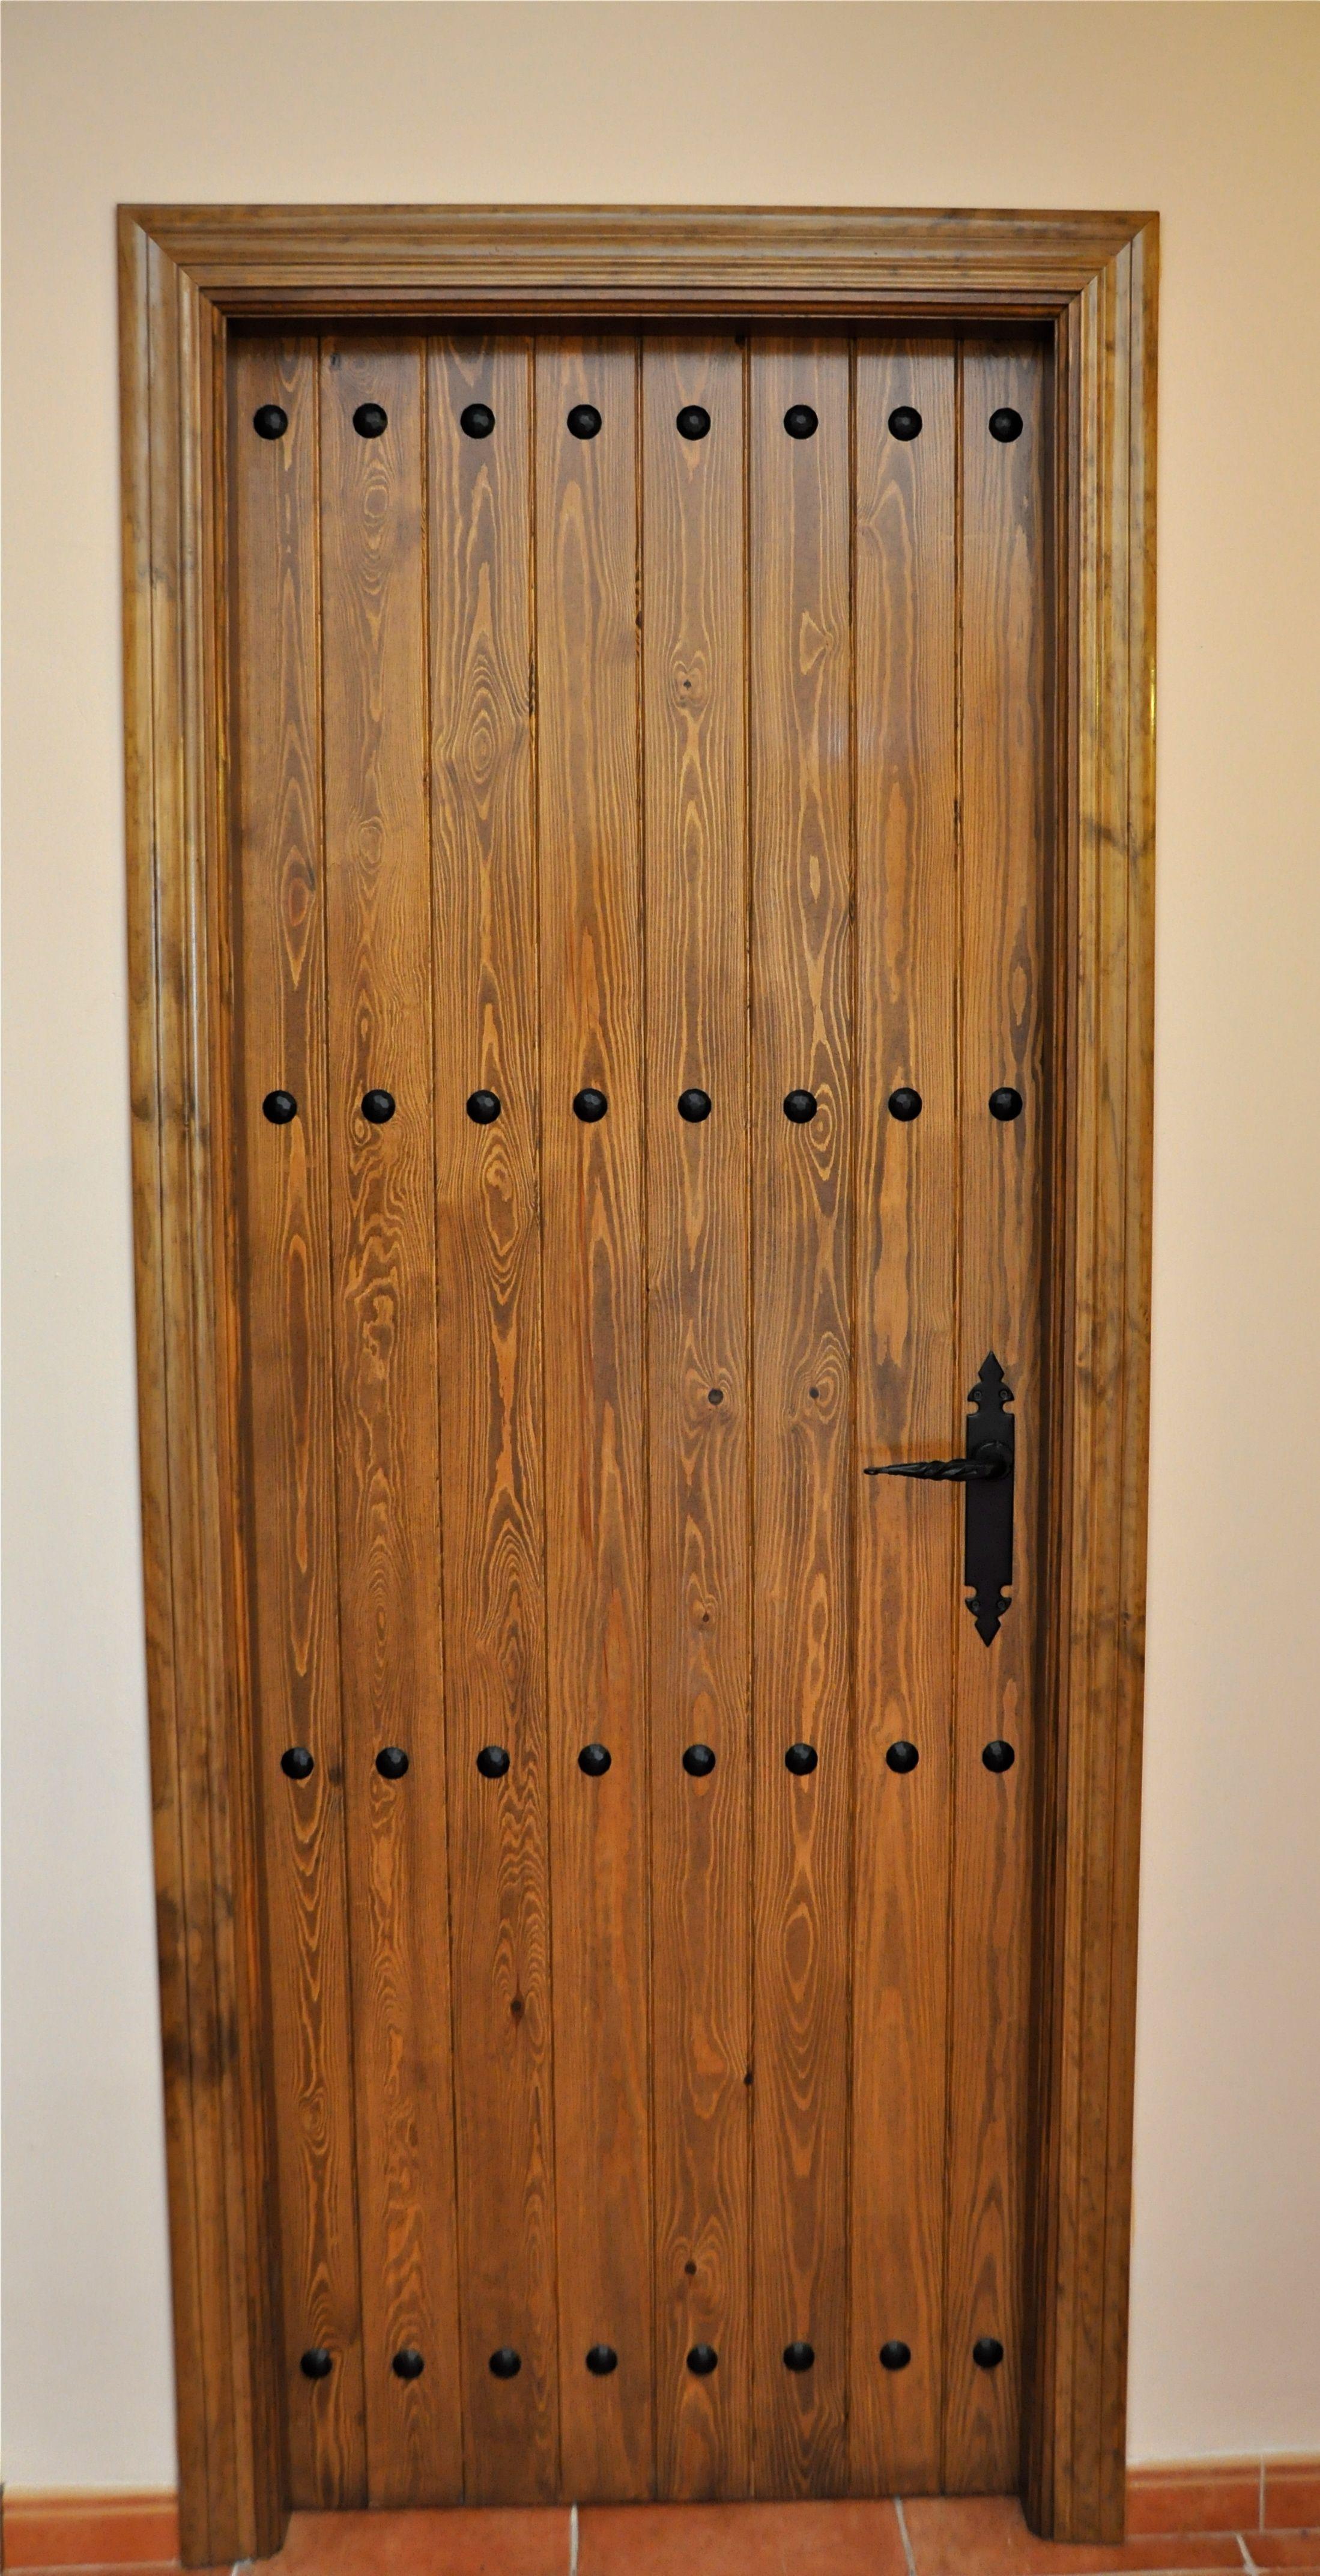 Pin de blanca aragon en puertas pinterest gitano for Madera para puertas